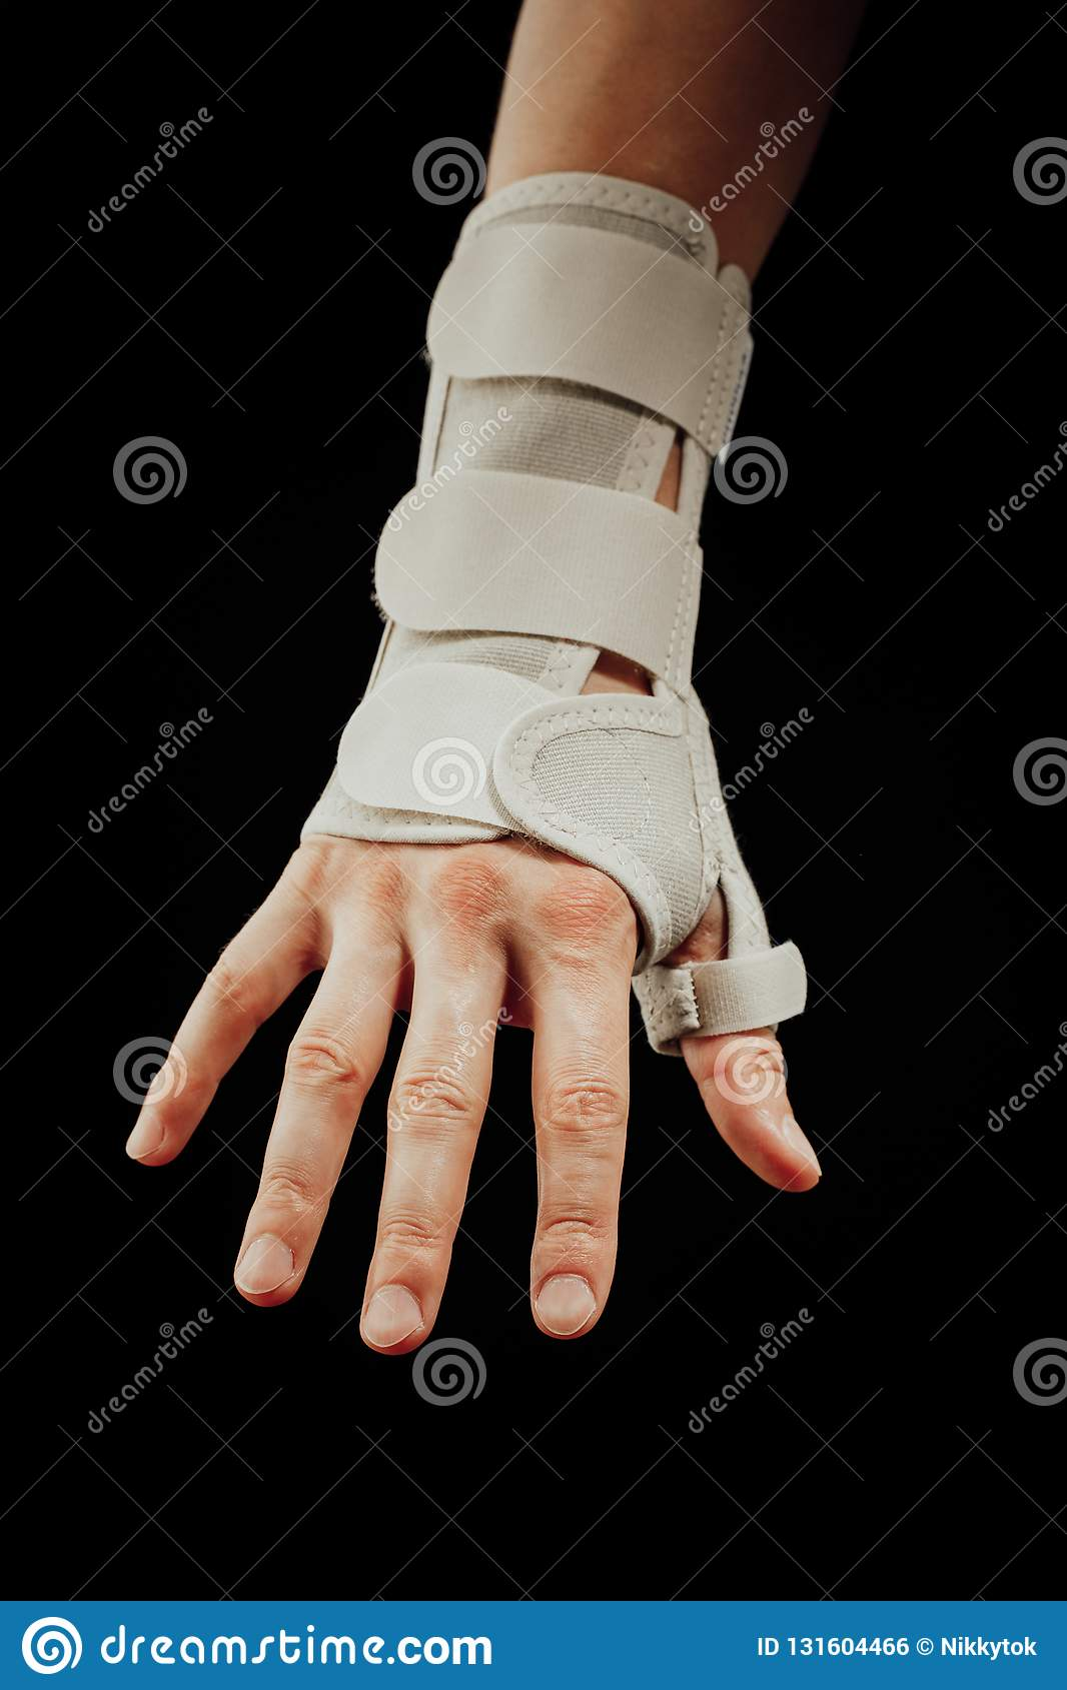 Contributo di orthotics della mano e del polso alla sindrome del tunnel carpale che guarisce, isolato sul nero